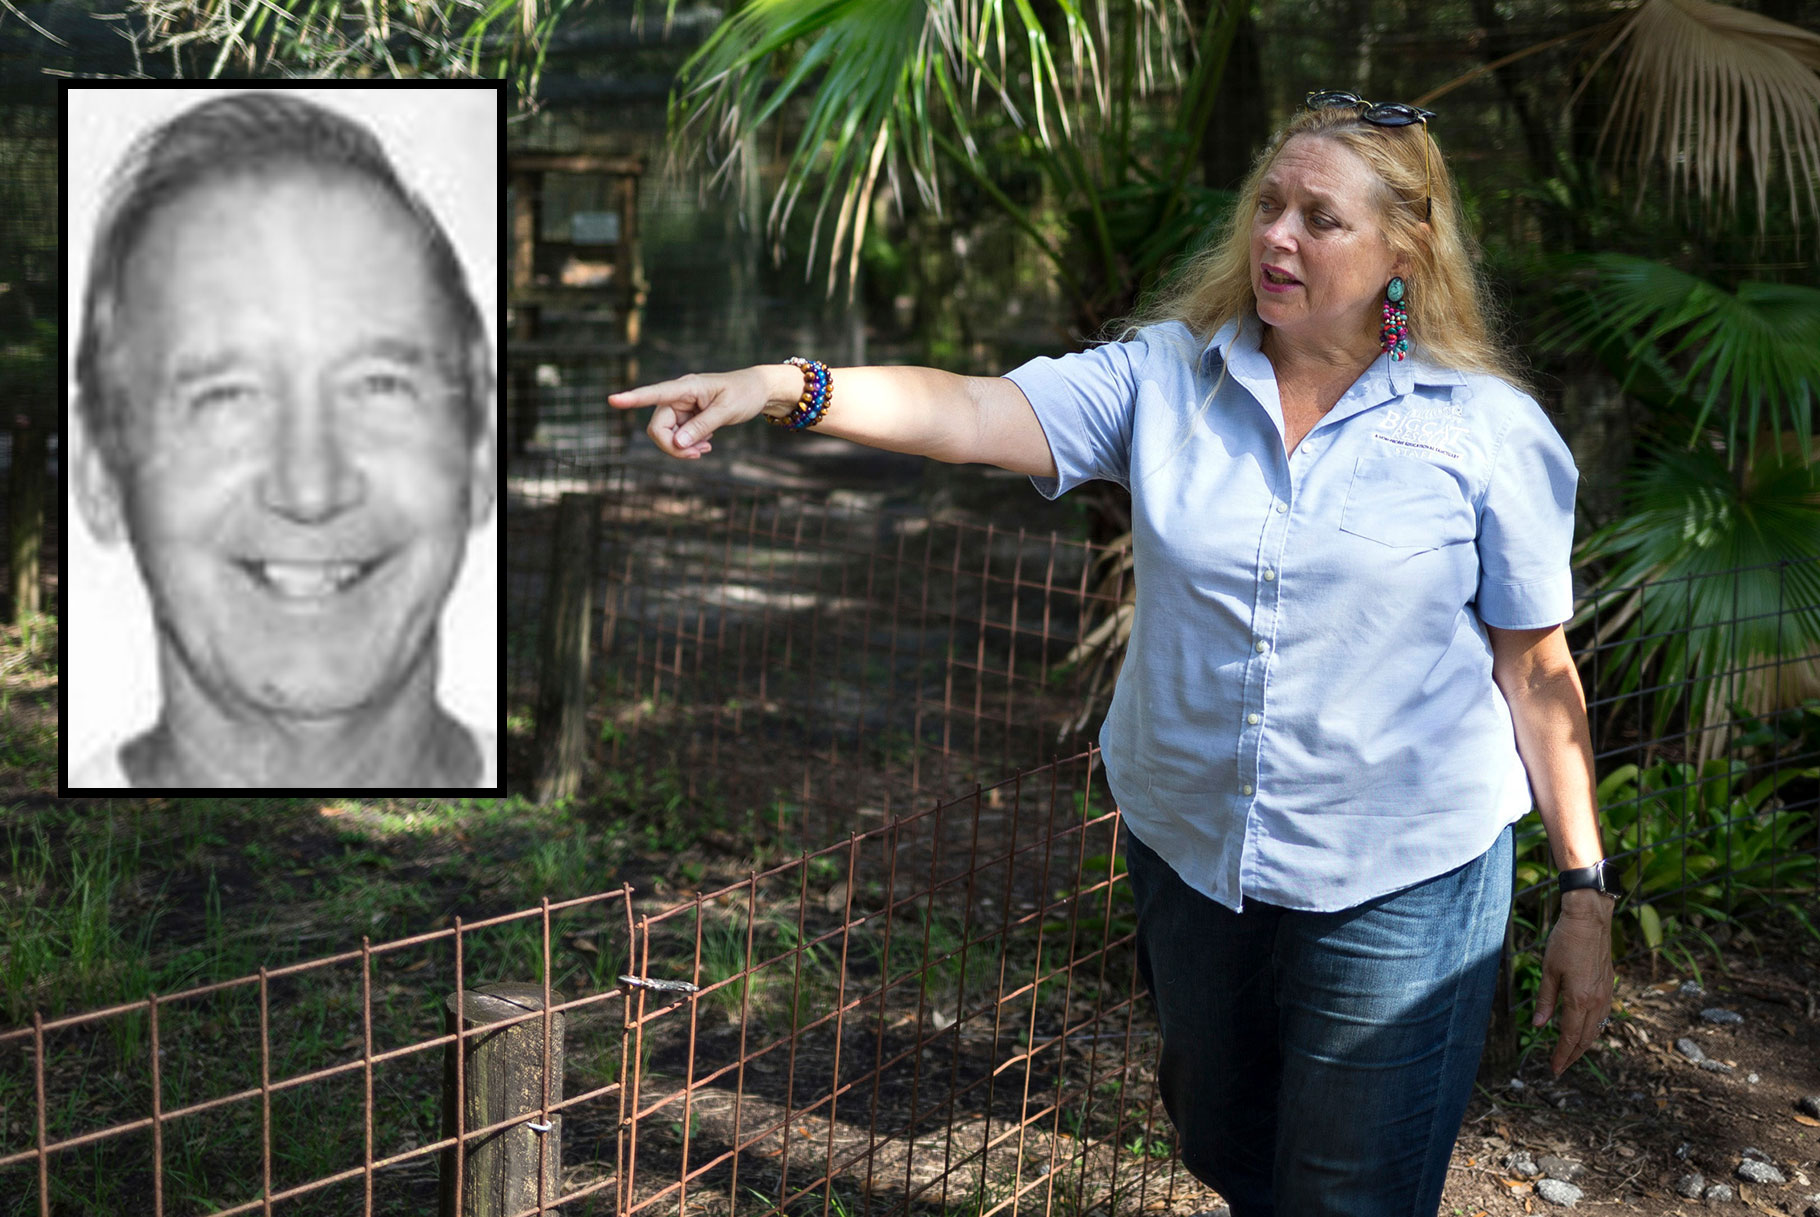 Šerif poriče zataškavanje nestanka zvijezde 'Kralja tigra' nestalog supruga Carole Baskin